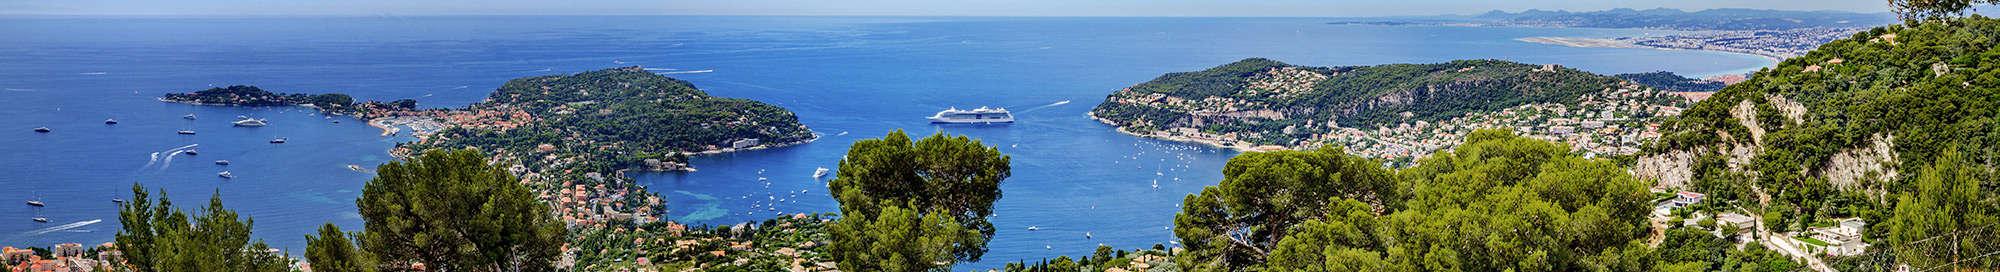 Week-end et séjour sur la Côte d'Azur